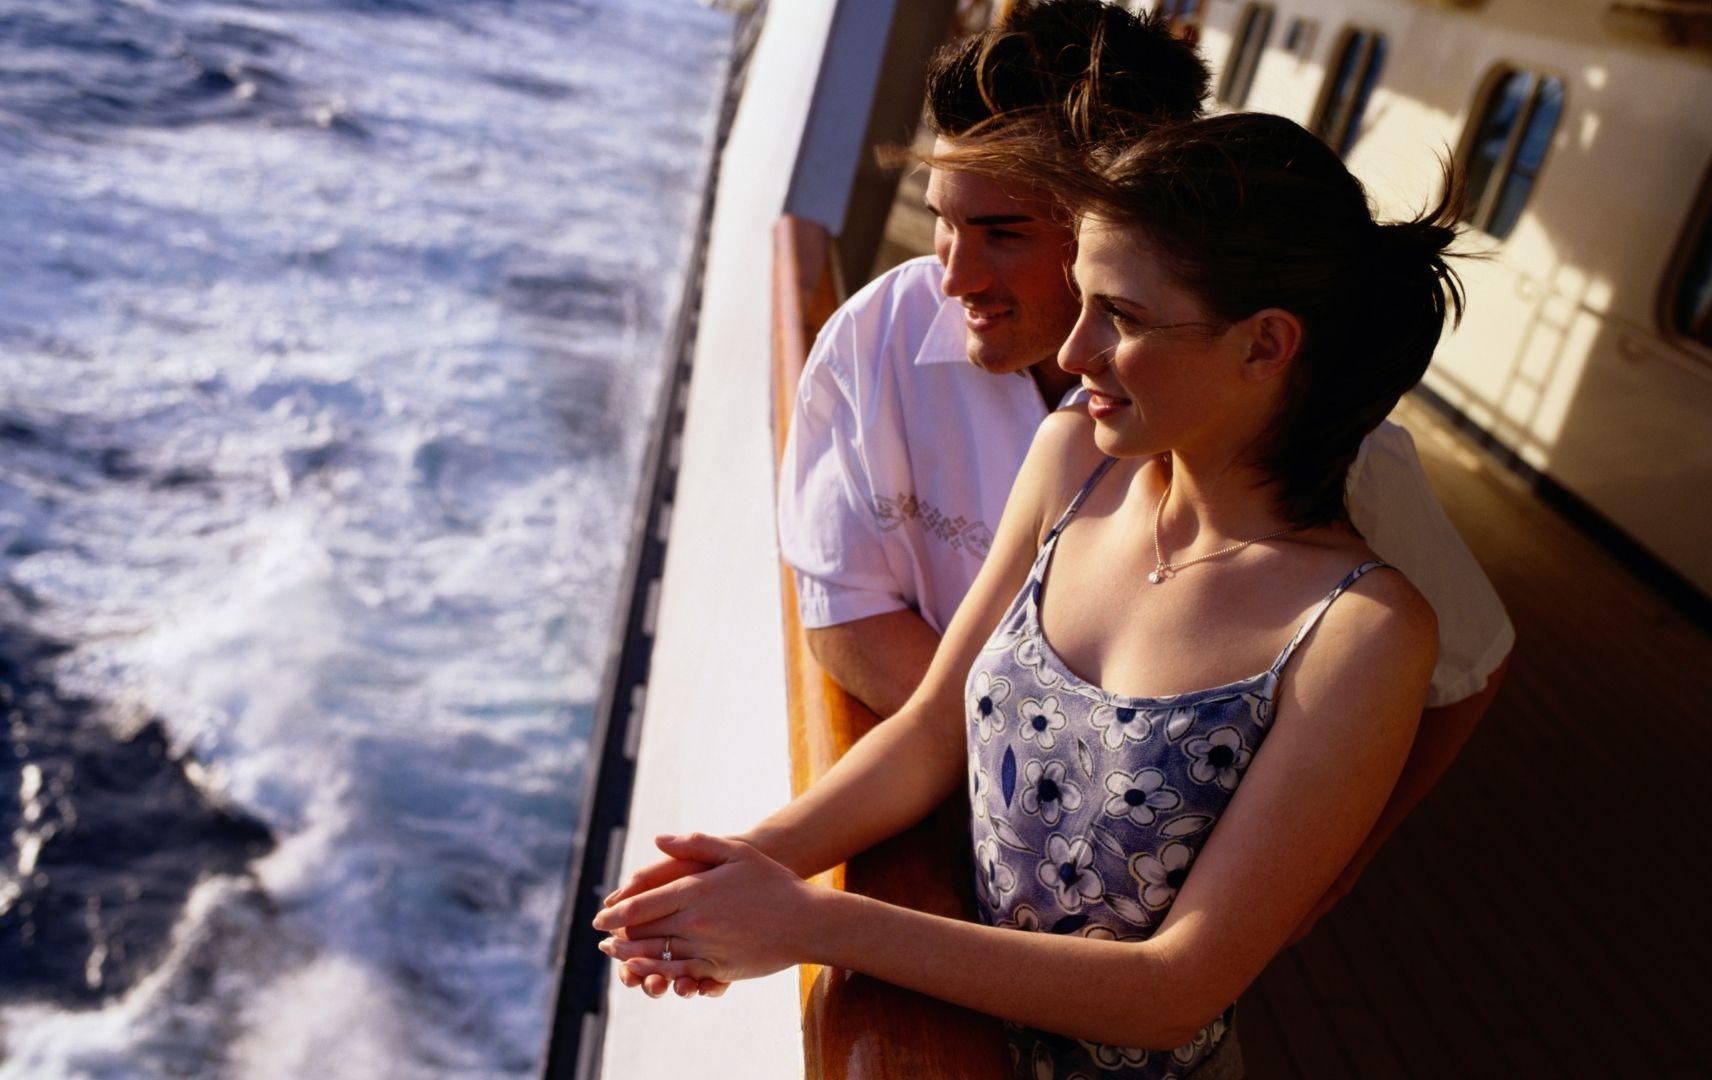 Kreuzfahrt - Paar an Bord blickt aufs Meer